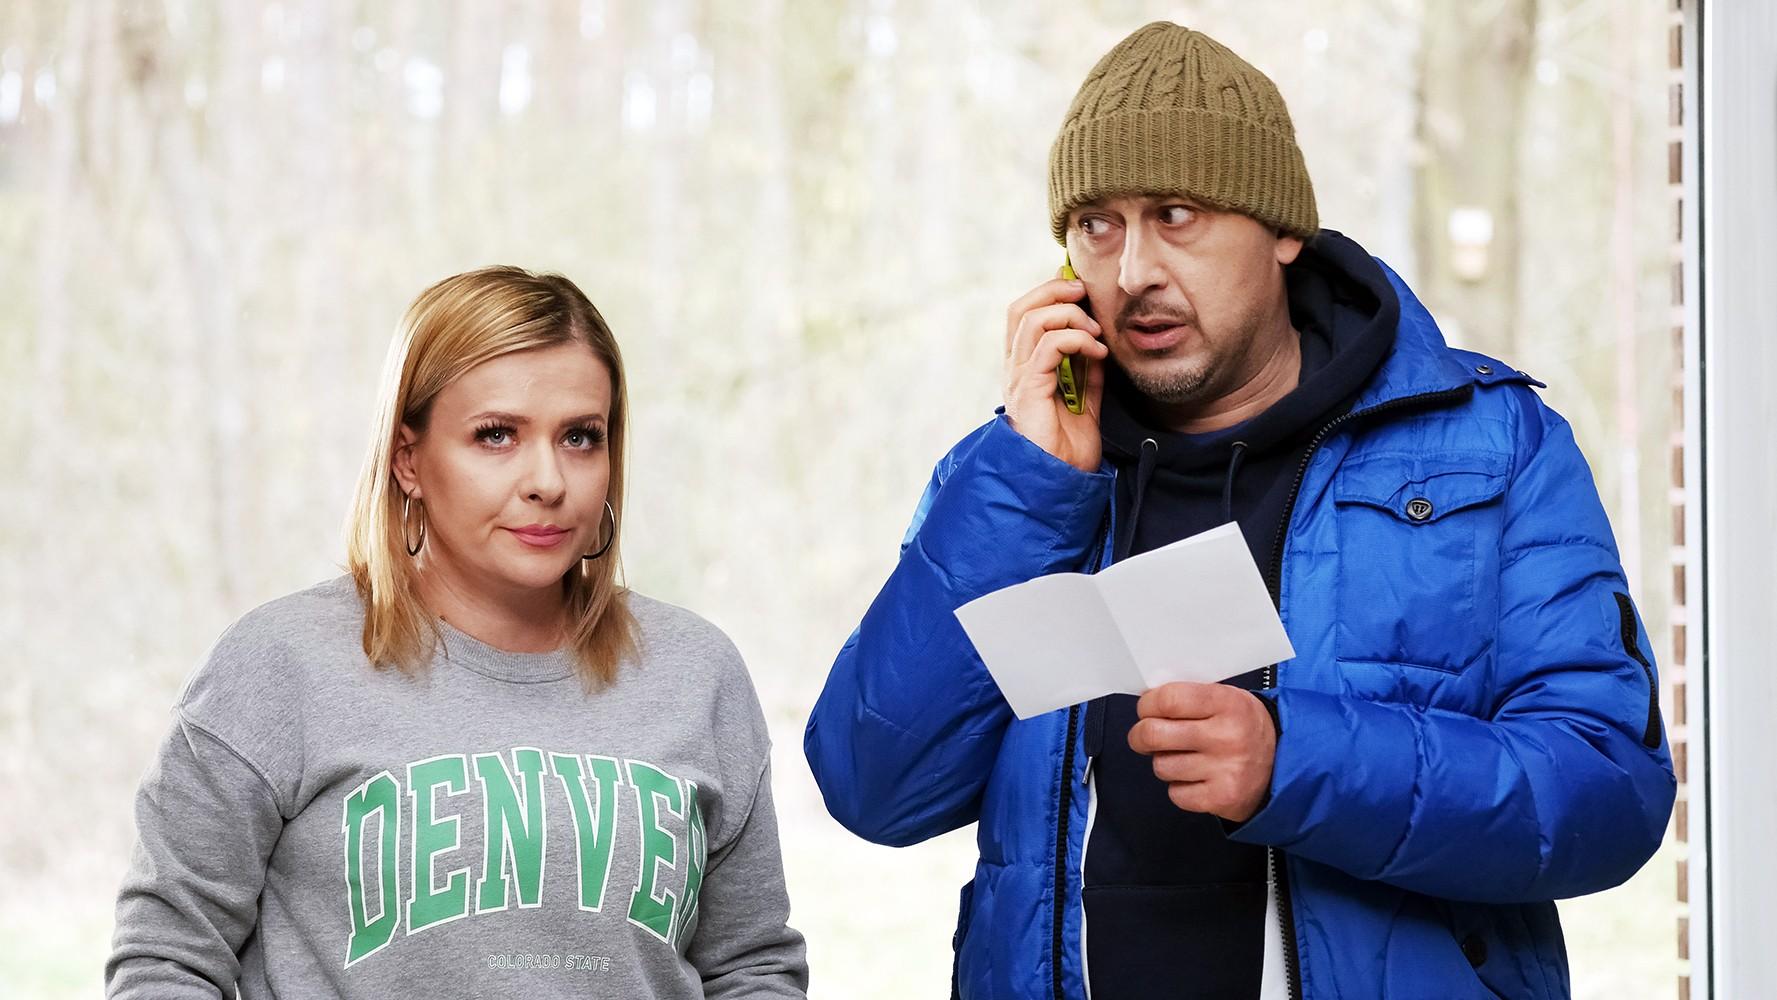 Pierwsza miłość - odcinek 3227: Kto nie stracił, ten nie zyska - Polsat.pl